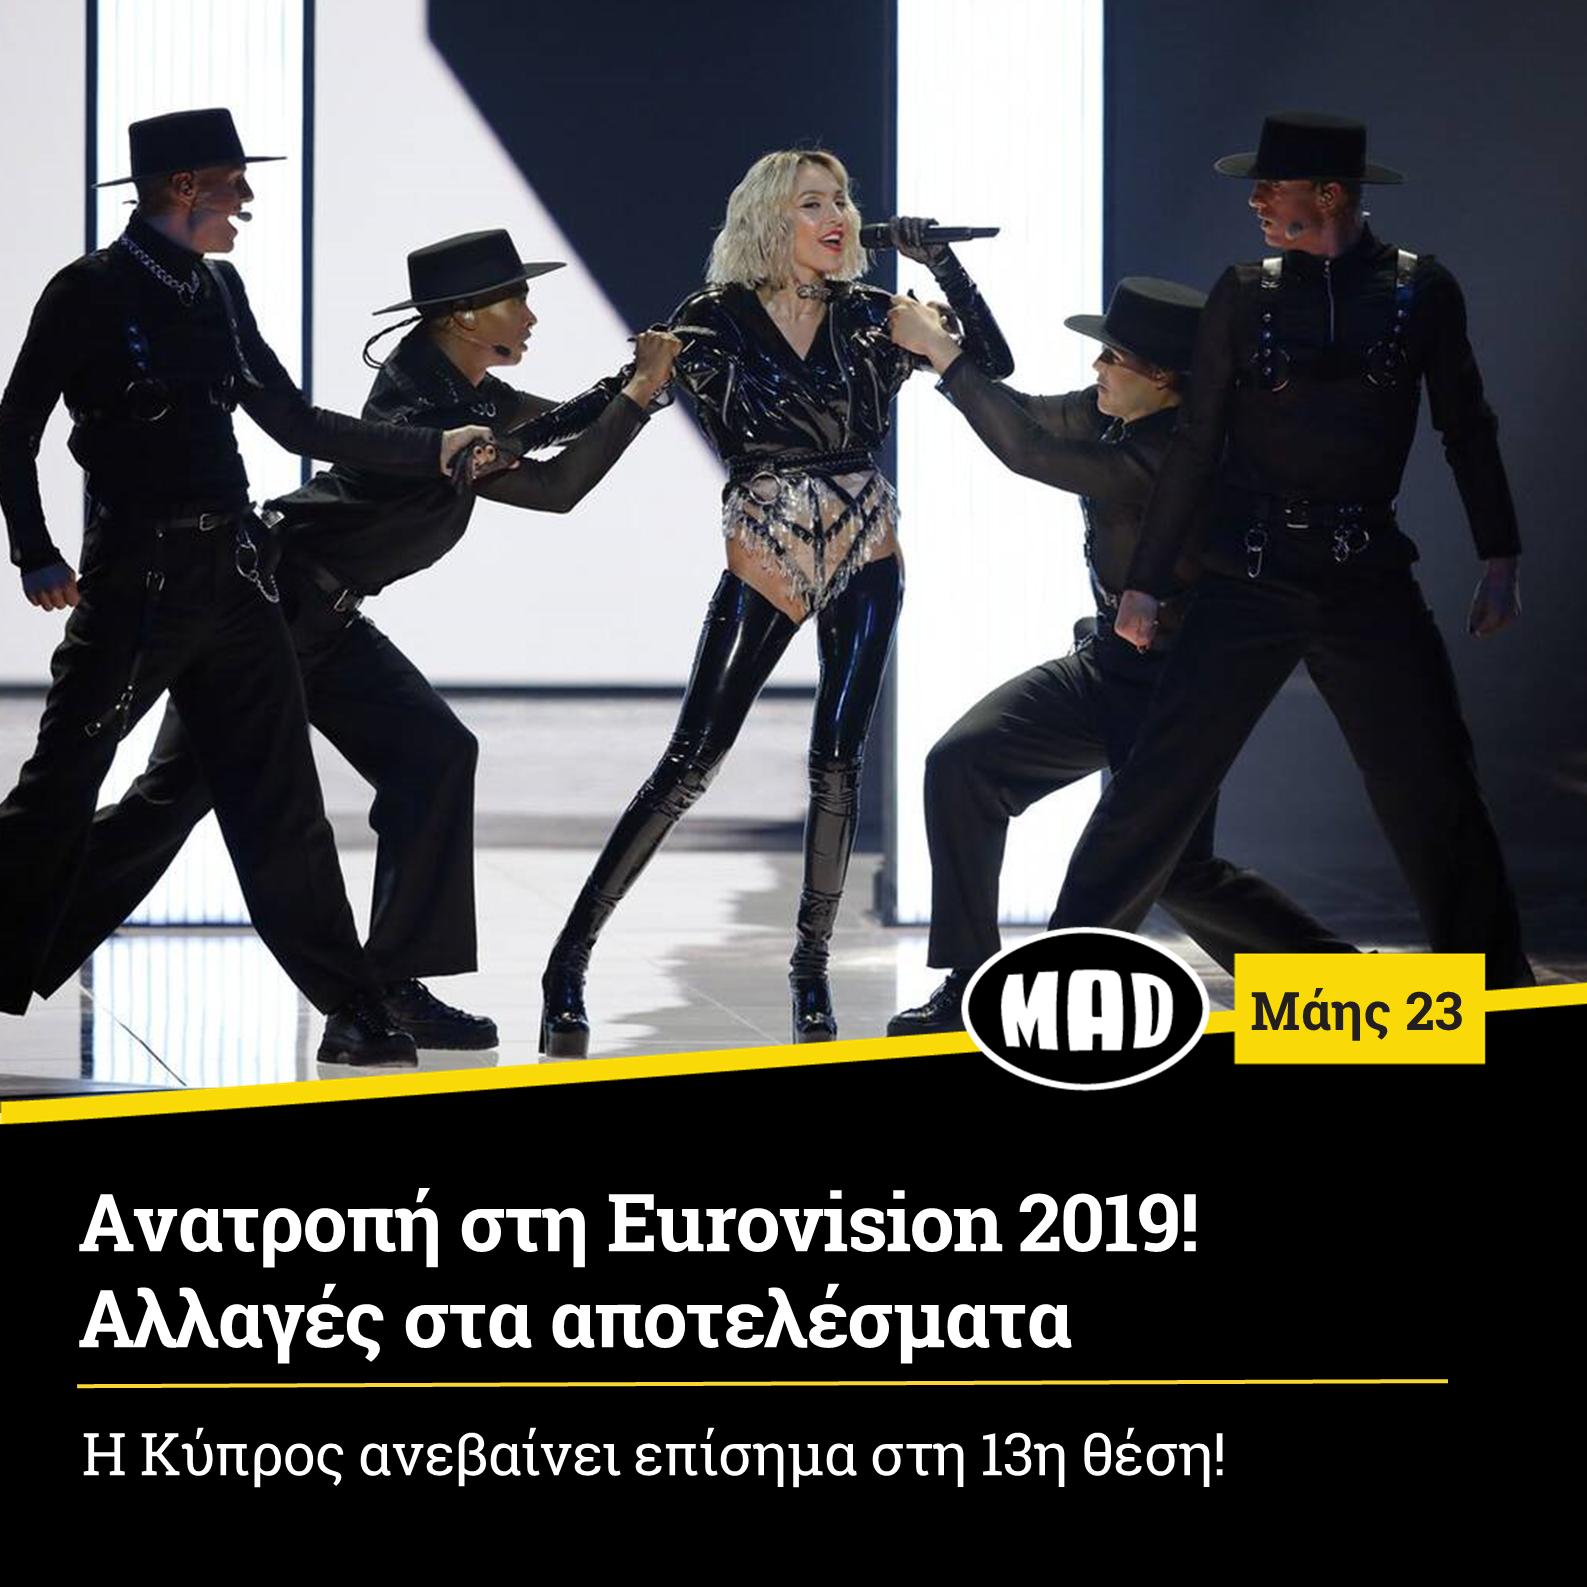 Ανατροπή στη Εurovision 2019! Αλλαγές στα αποτελέσματα.